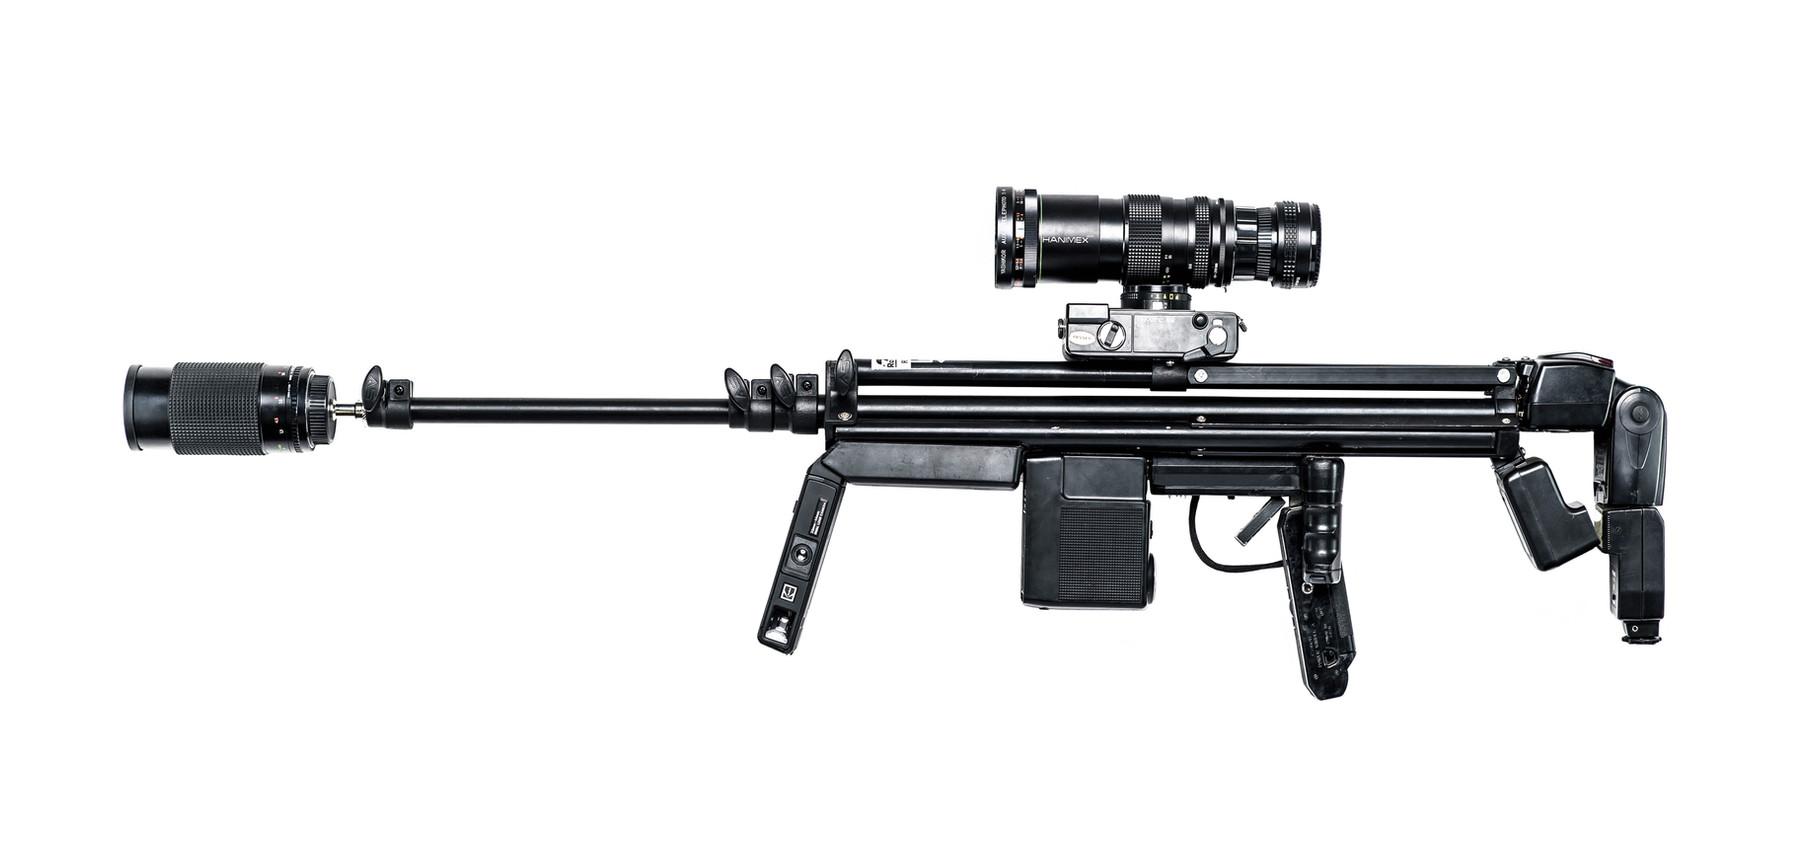 GUN #001